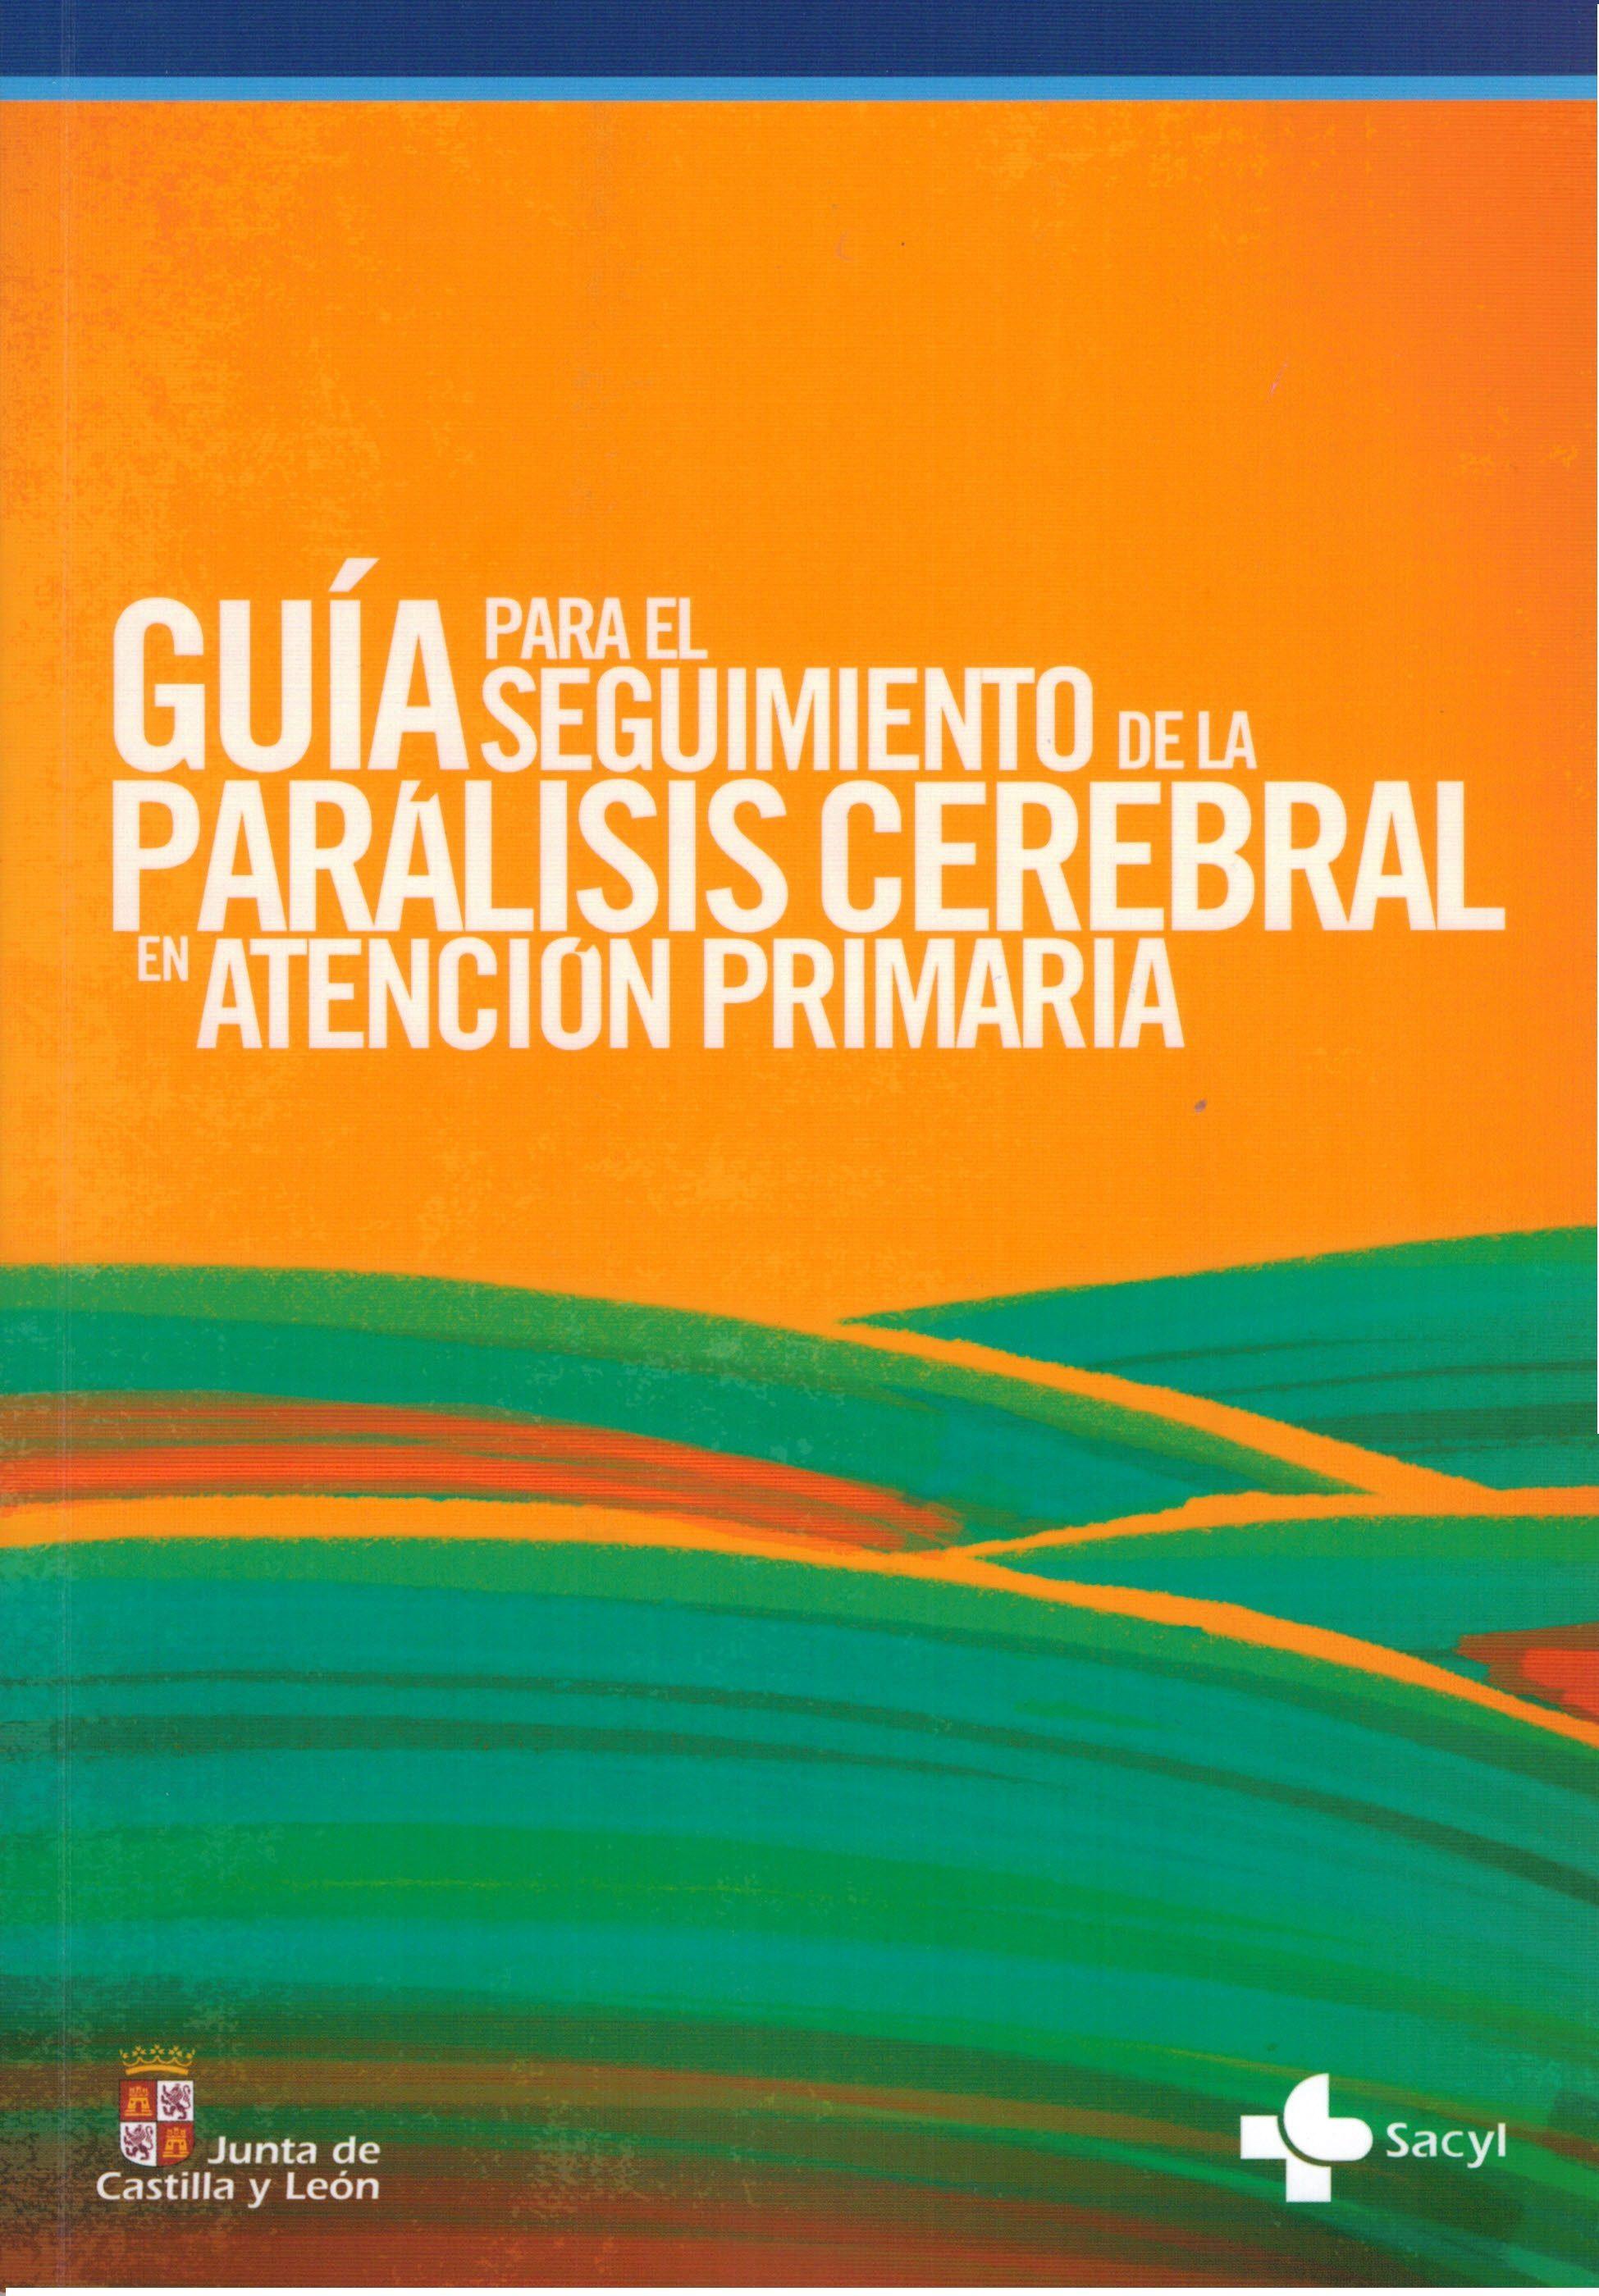 Presentación de la Guía para el Seguimiento de la Parálisis Cerebral en Atención Primaria. Soria